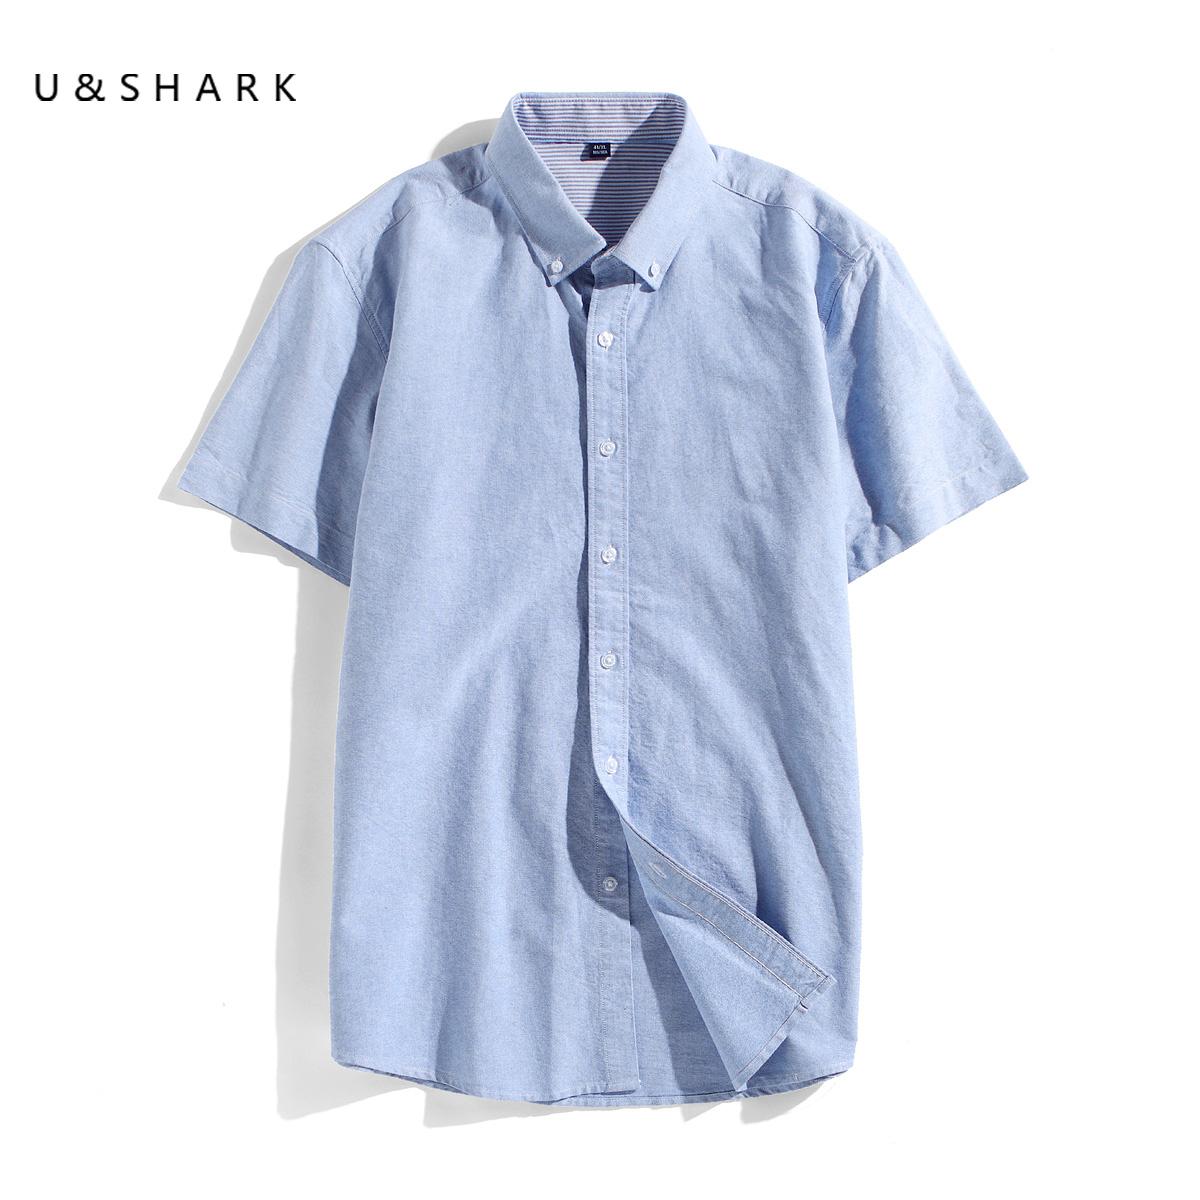 夏季新款纯棉短袖衬衫男韩版休闲潮流半袖衬衣纯色牛津纺白寸衫图片